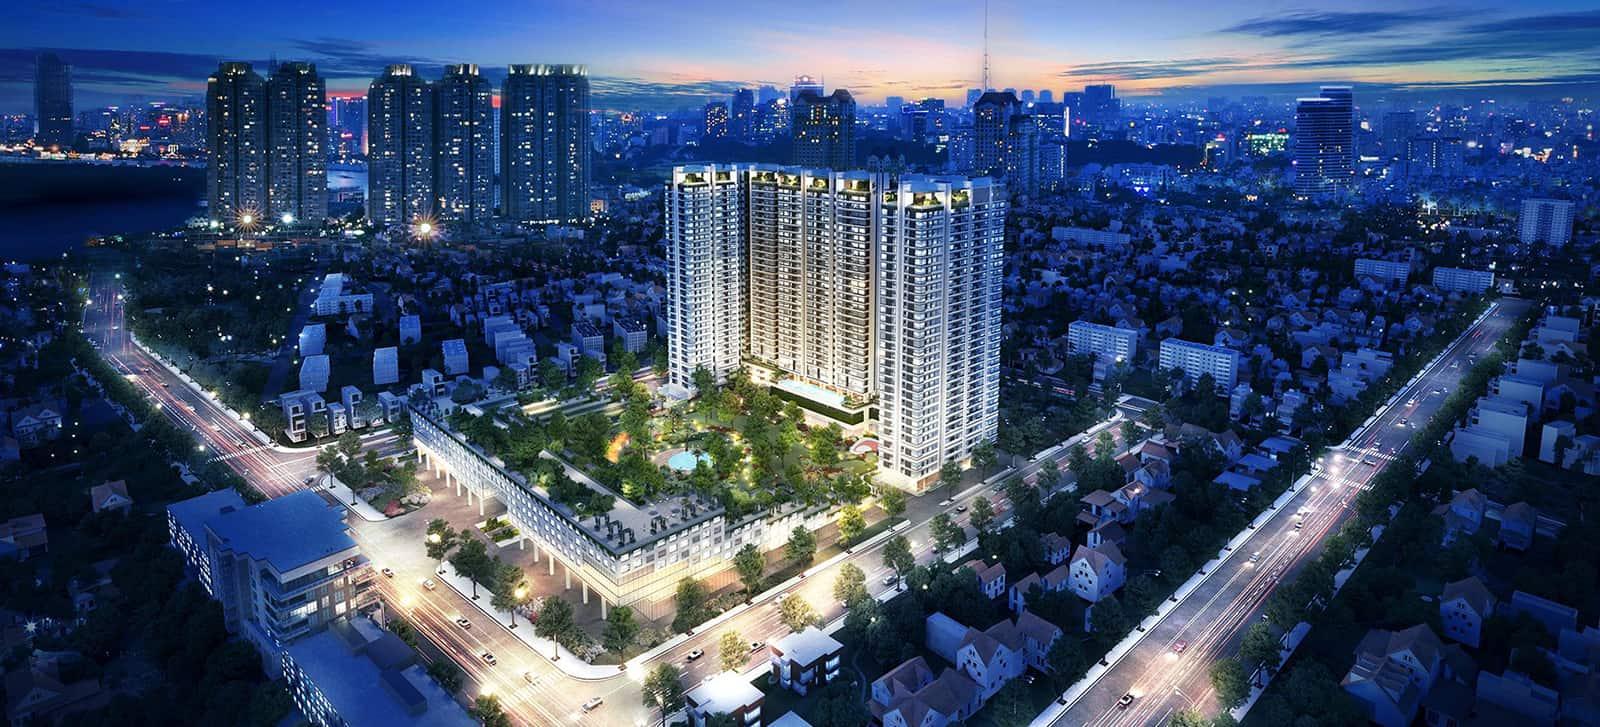 Kingdom 101 – Căn hộ siêu HOT trung tâm Hồ Chí Minh